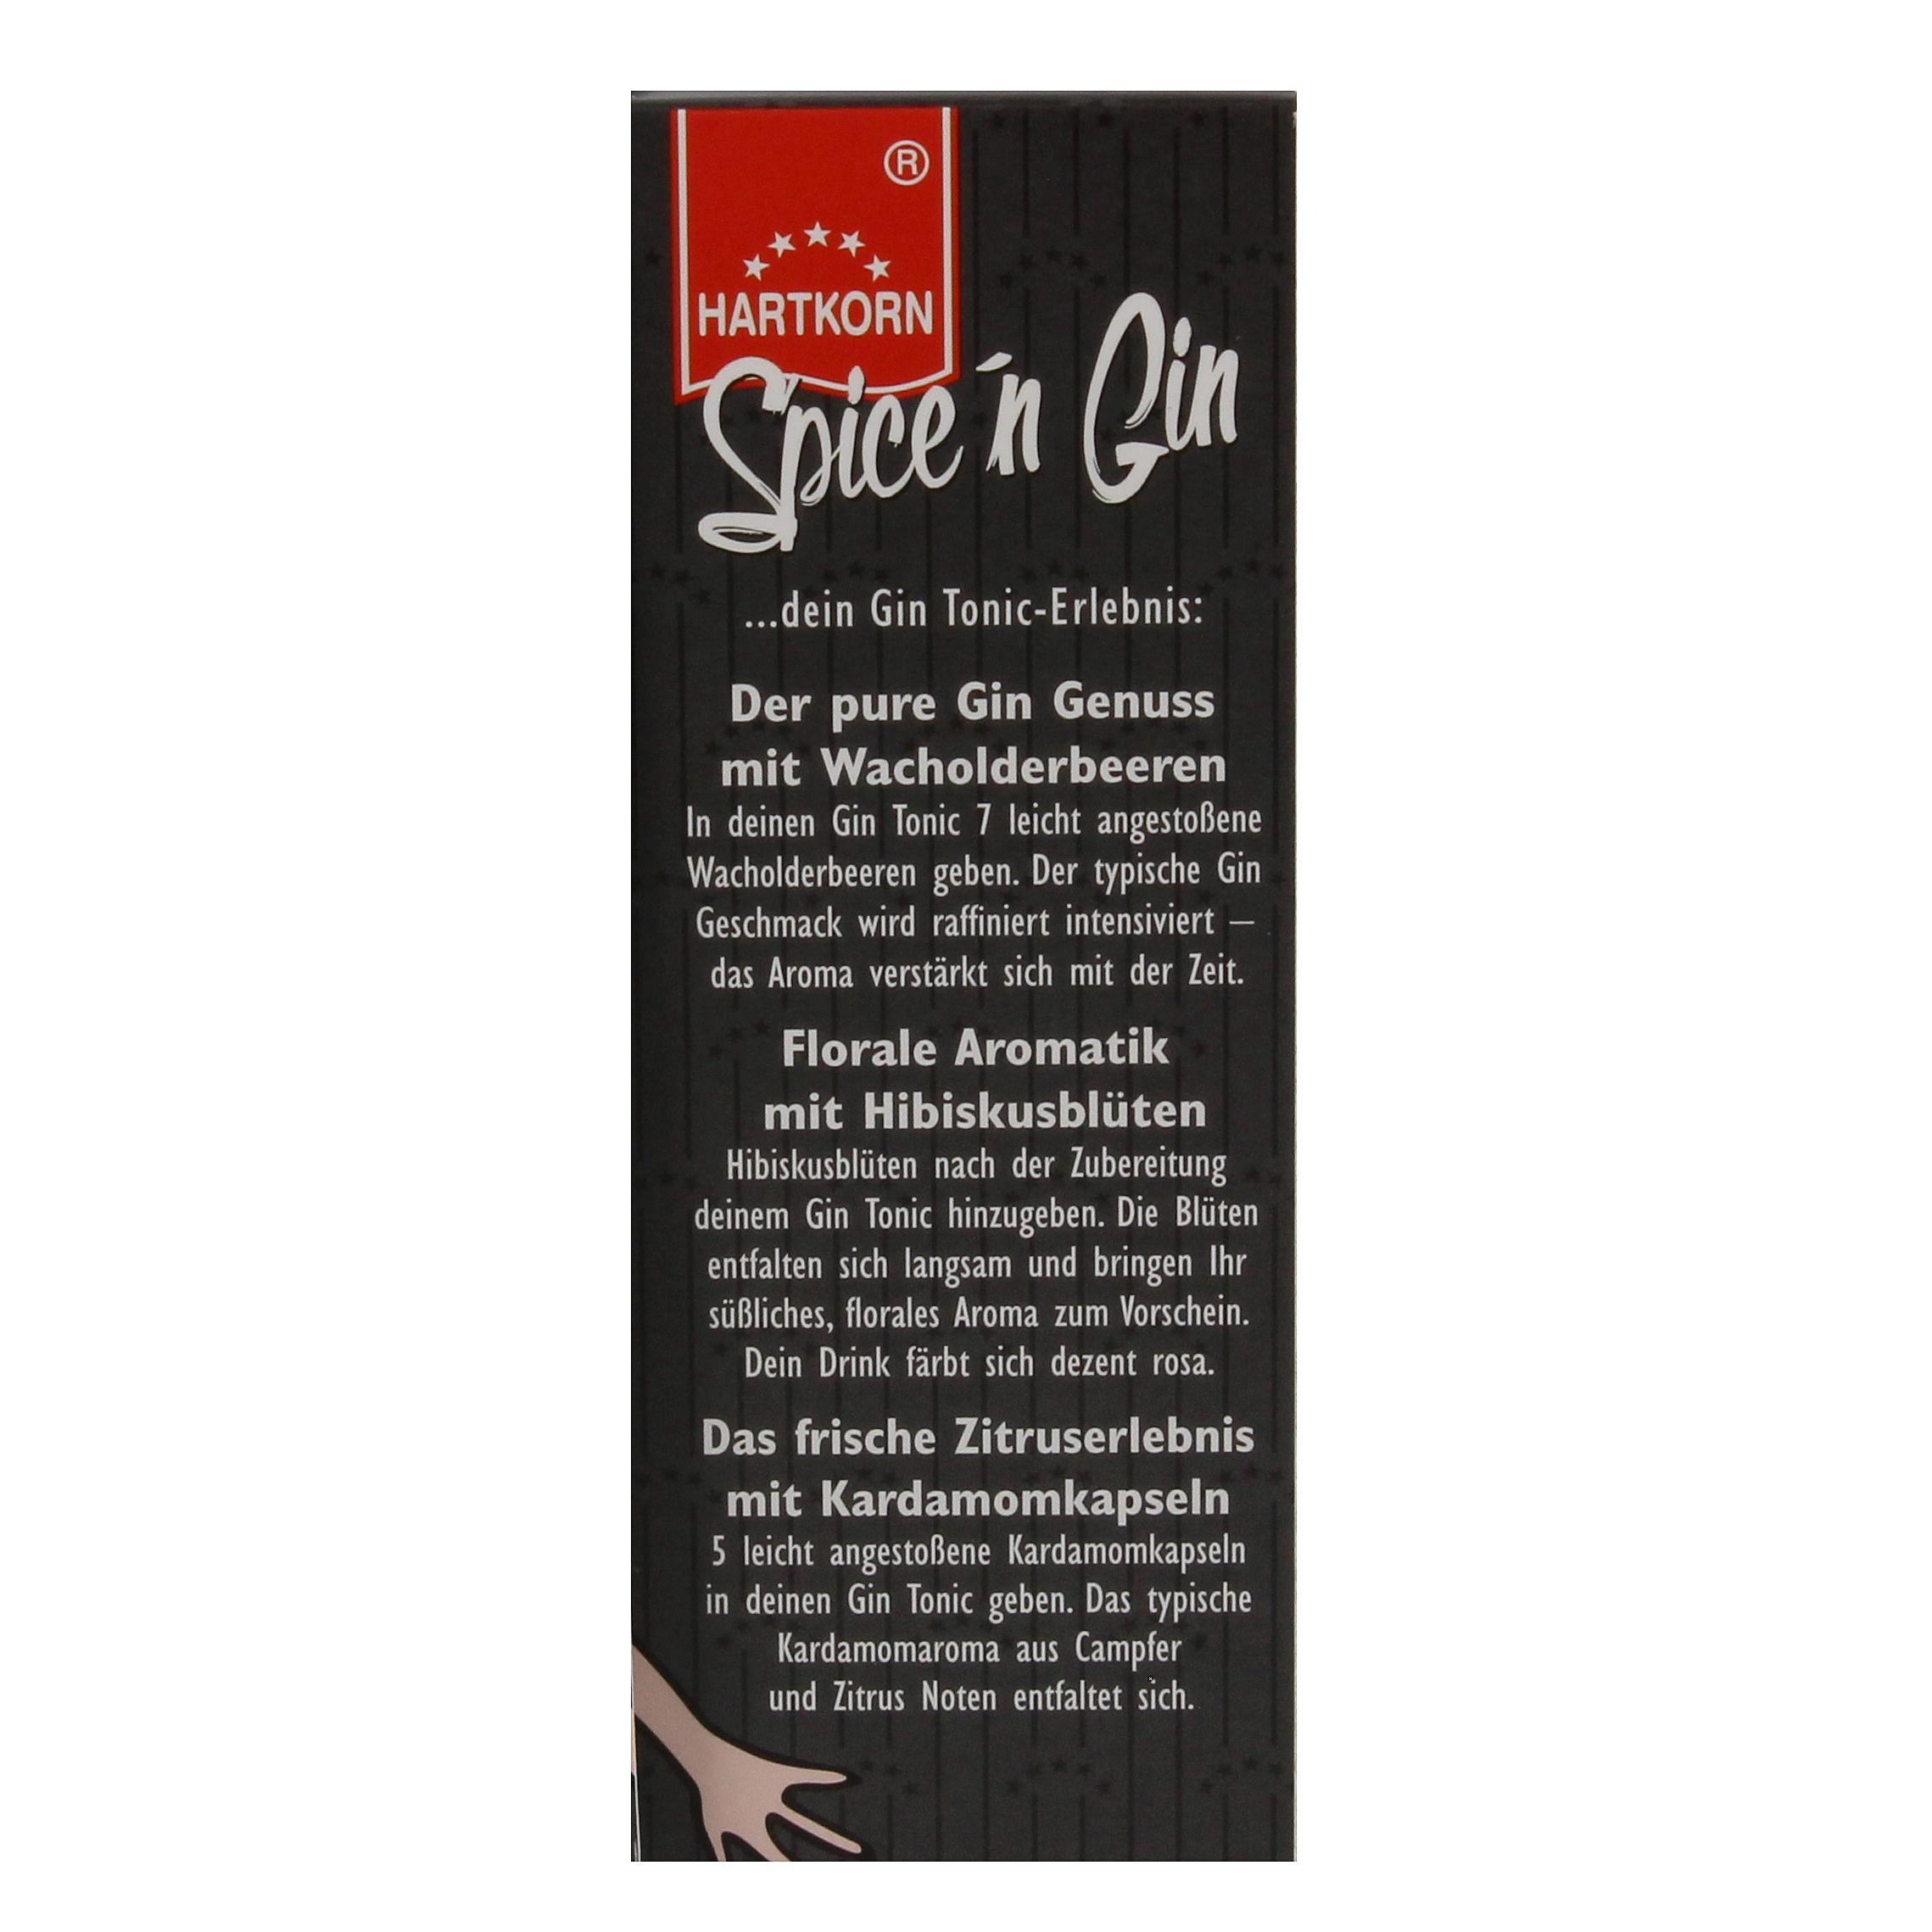 Hartkorn - Spice'n Gin Botanicals Gewürze für Gin - 1St